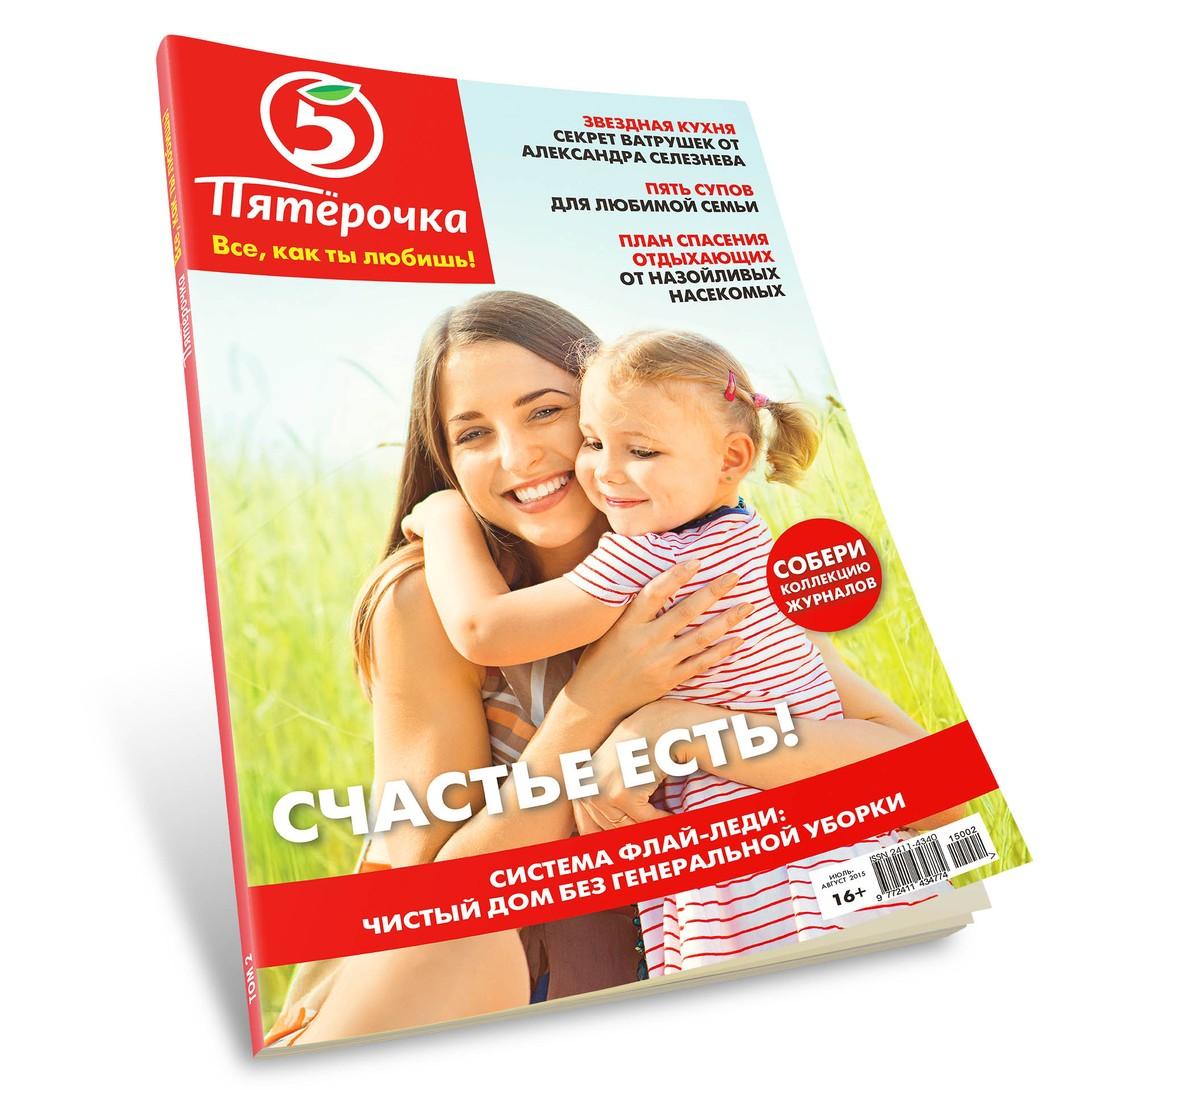 daee488642025 вы можете приобрести на кассе в любом магазине сети «Пятѐрочка» по всей  России. Читайте, пробуйте, присылайте свои рецепты и кулинарные идеи на  почту ...